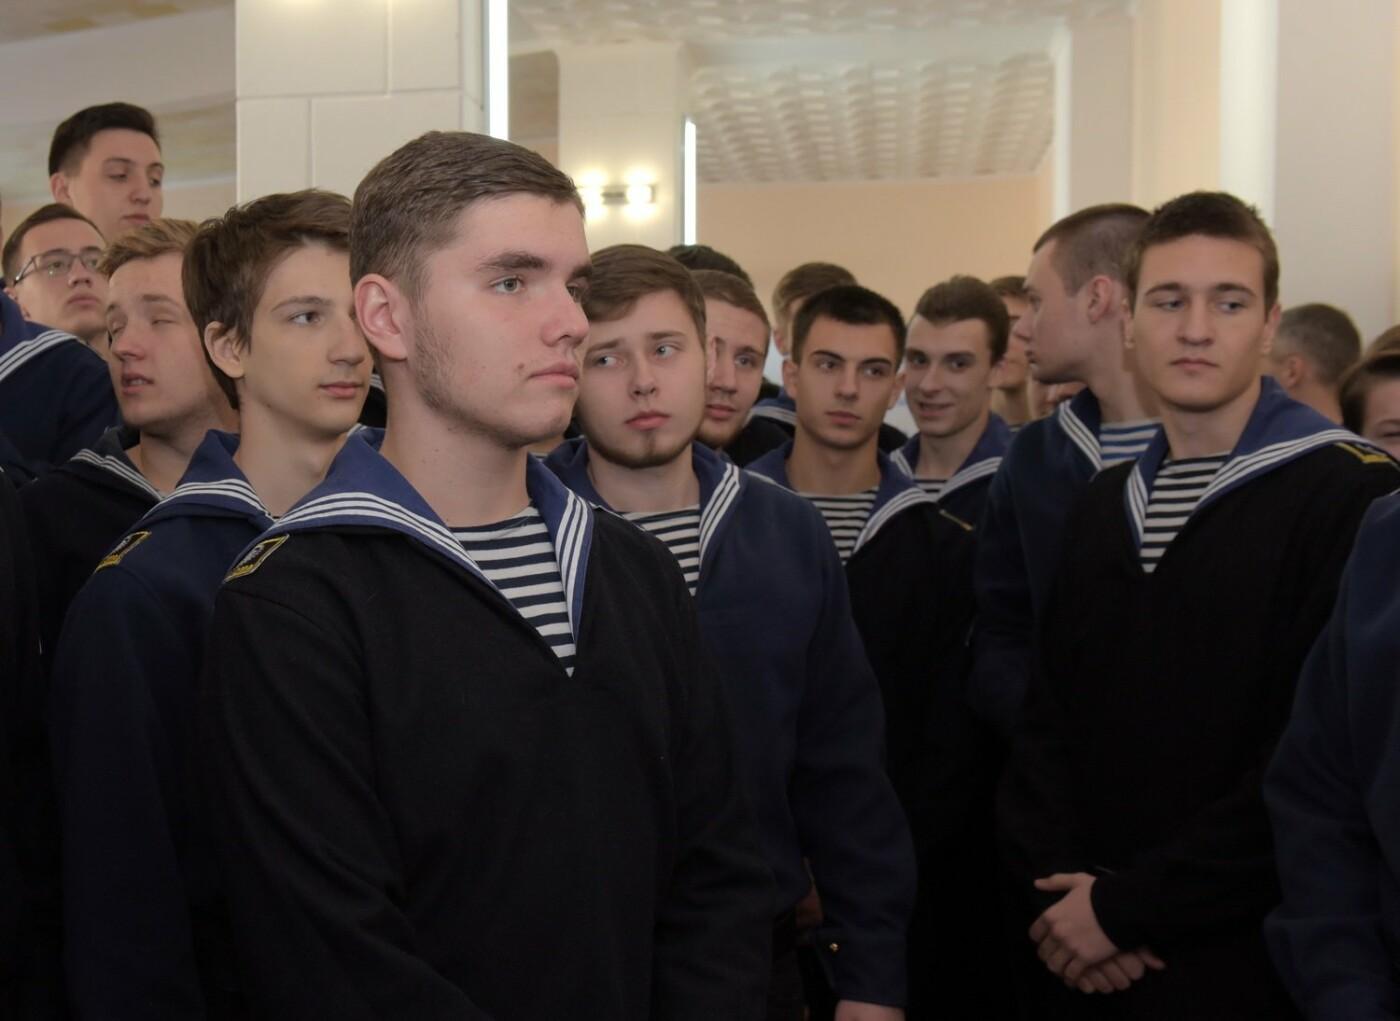 Стартовал конкурс для студентов «Морское дело», на кону – поездка в Афины, фото-3